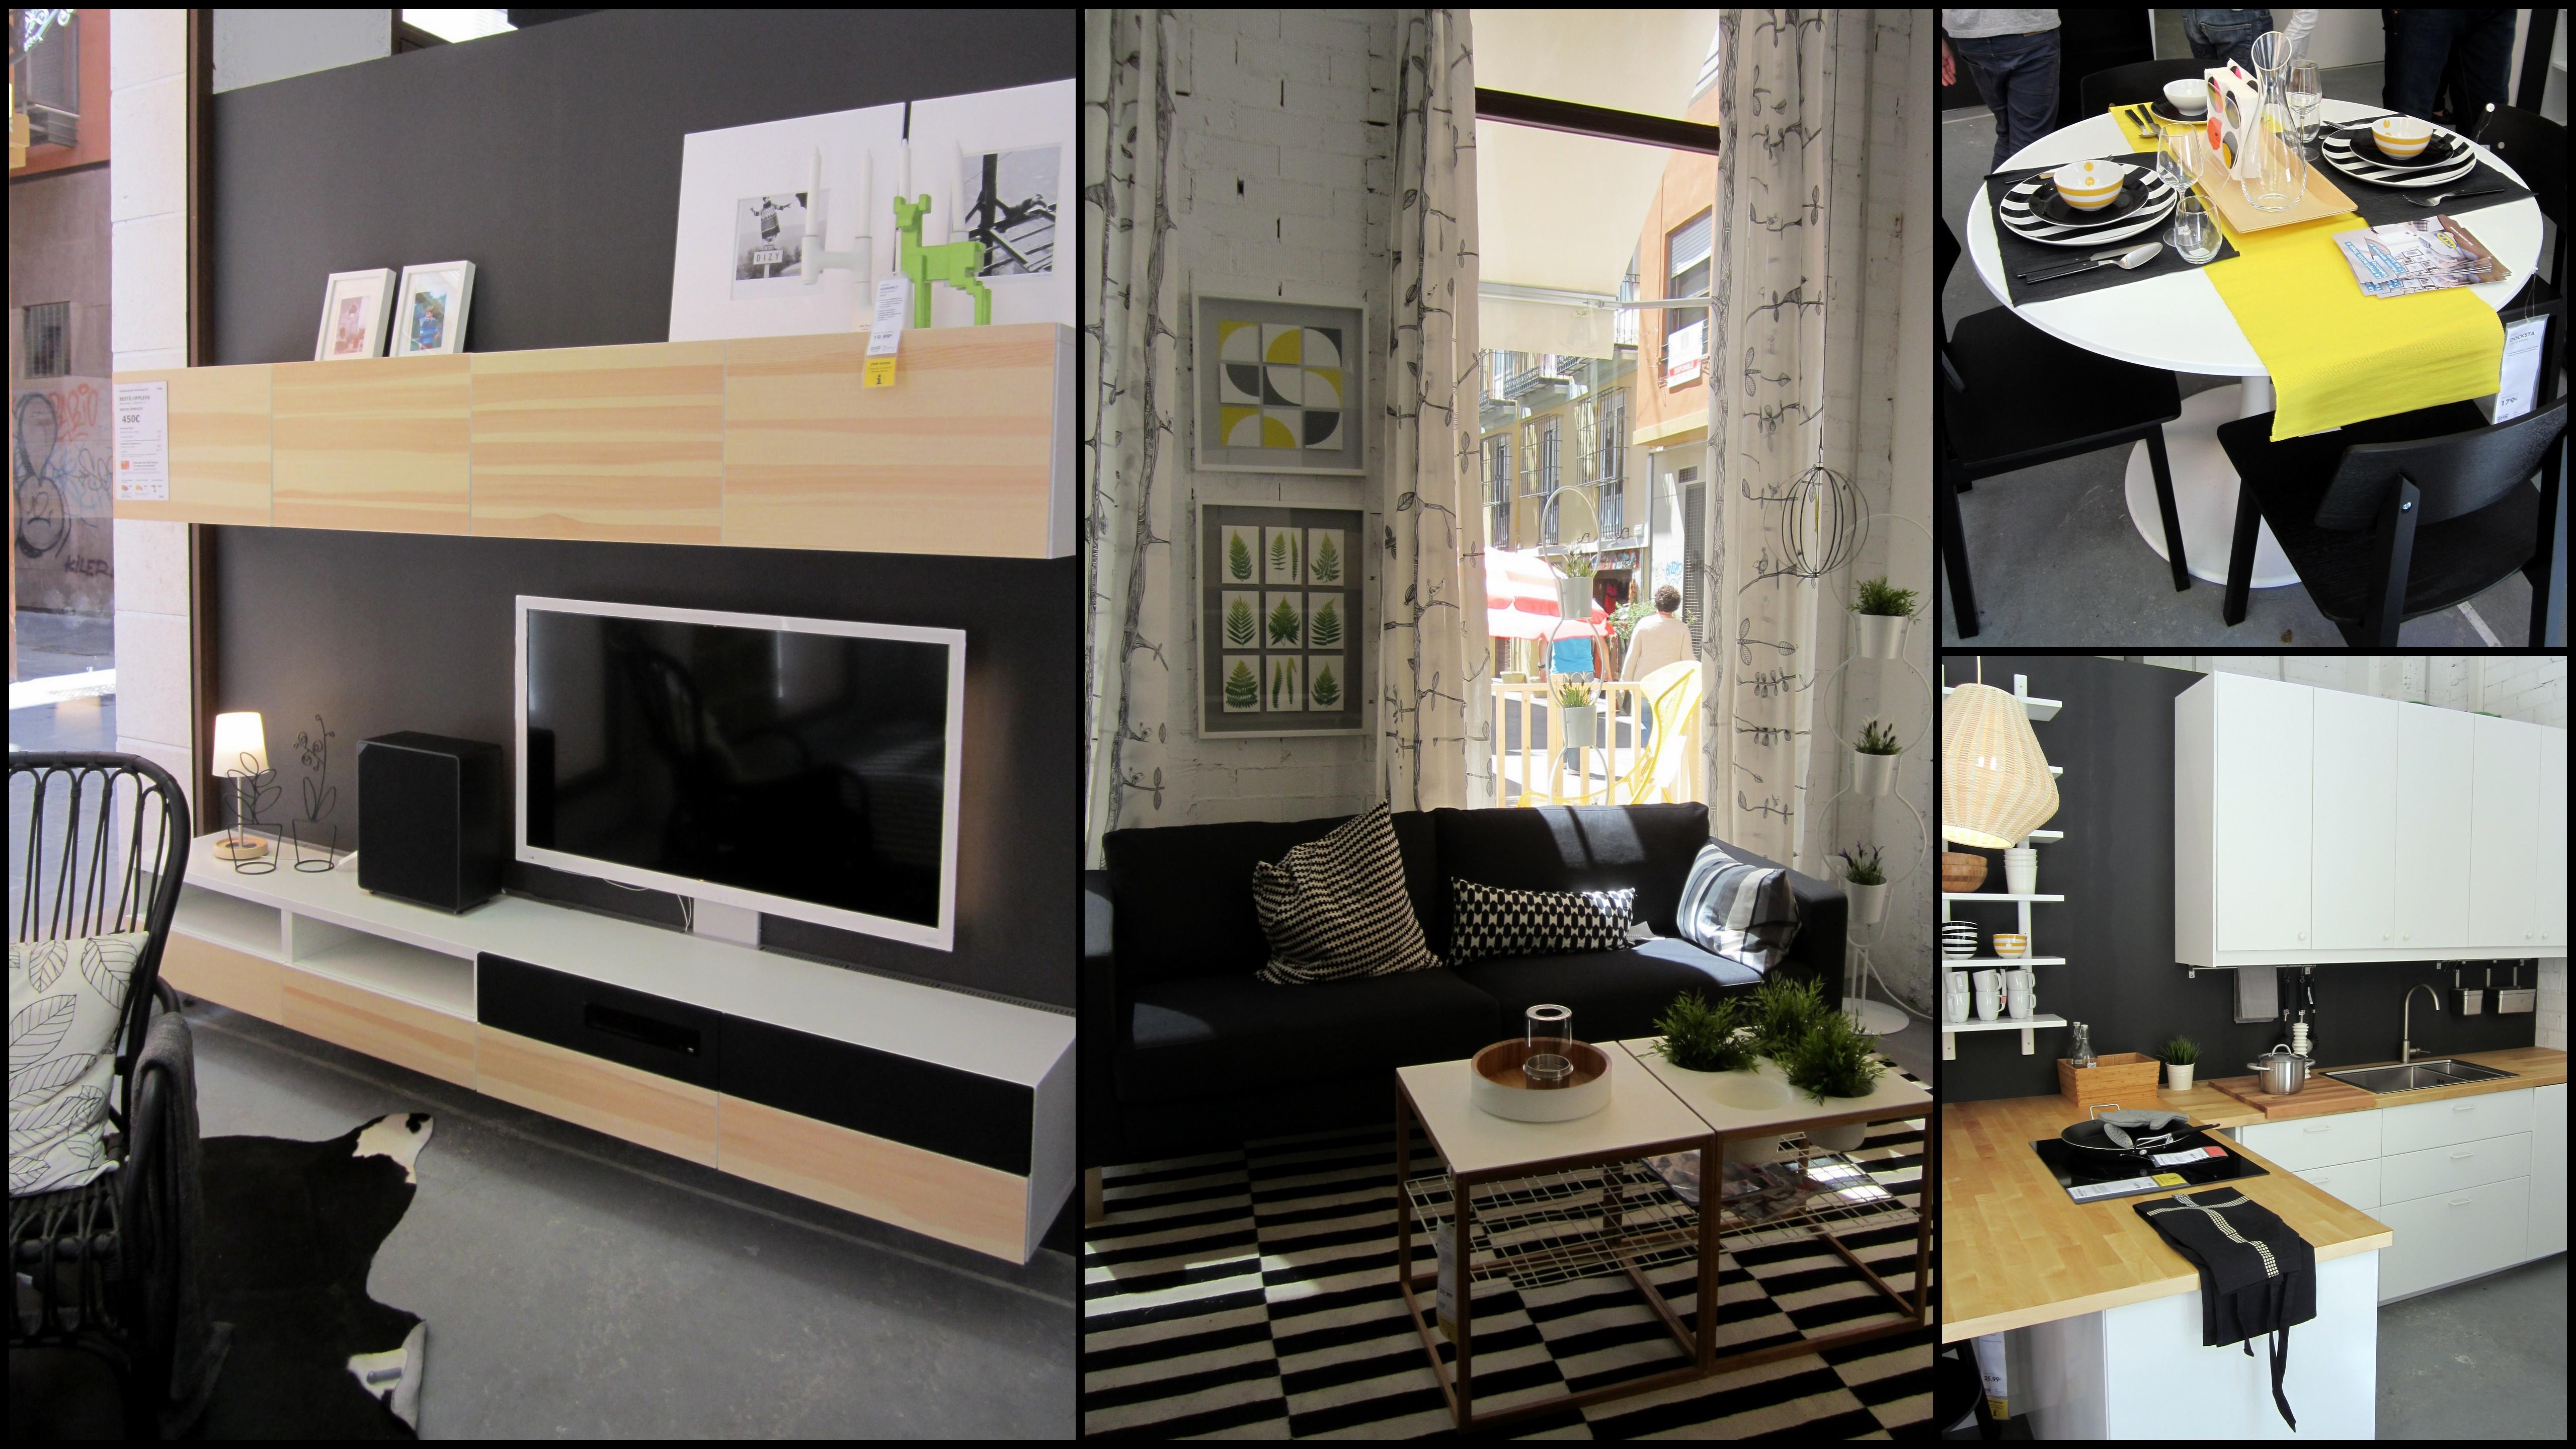 Casas Decoradas Con Ikea Gallery Of Decoracion Ikea Facilisimo Una